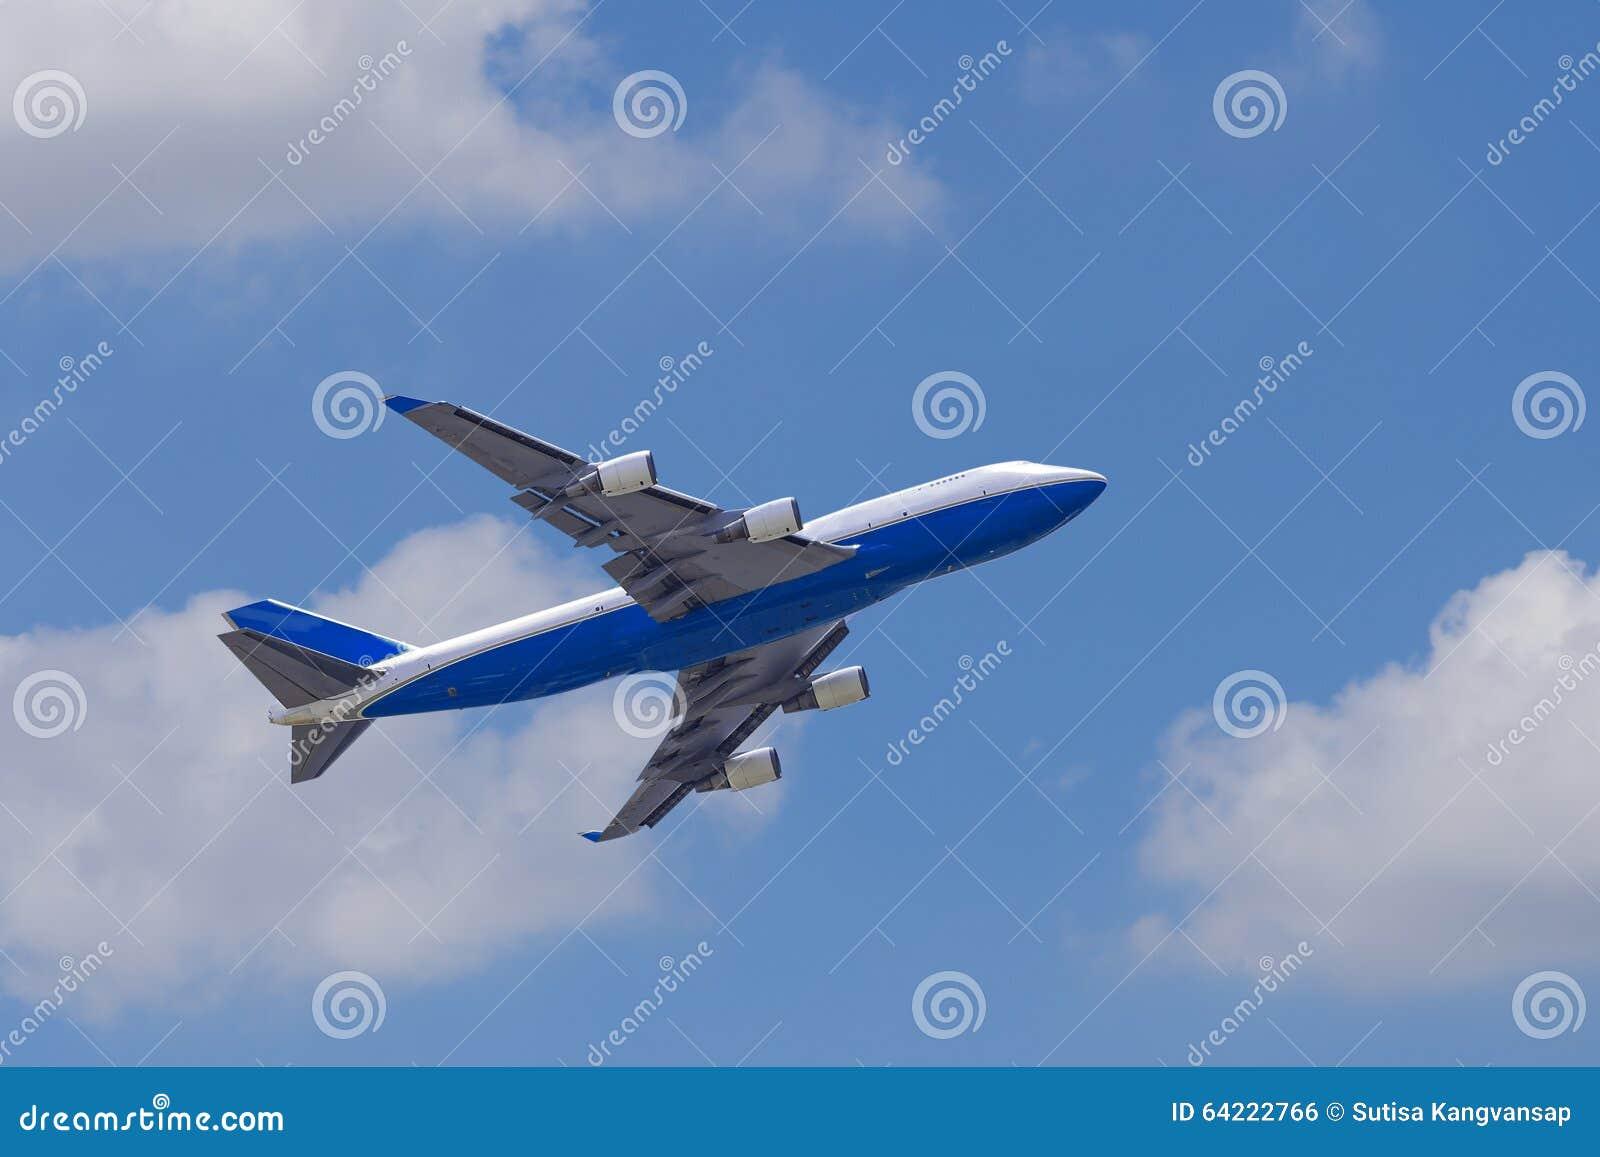 波音747-400飞机againt蓝天